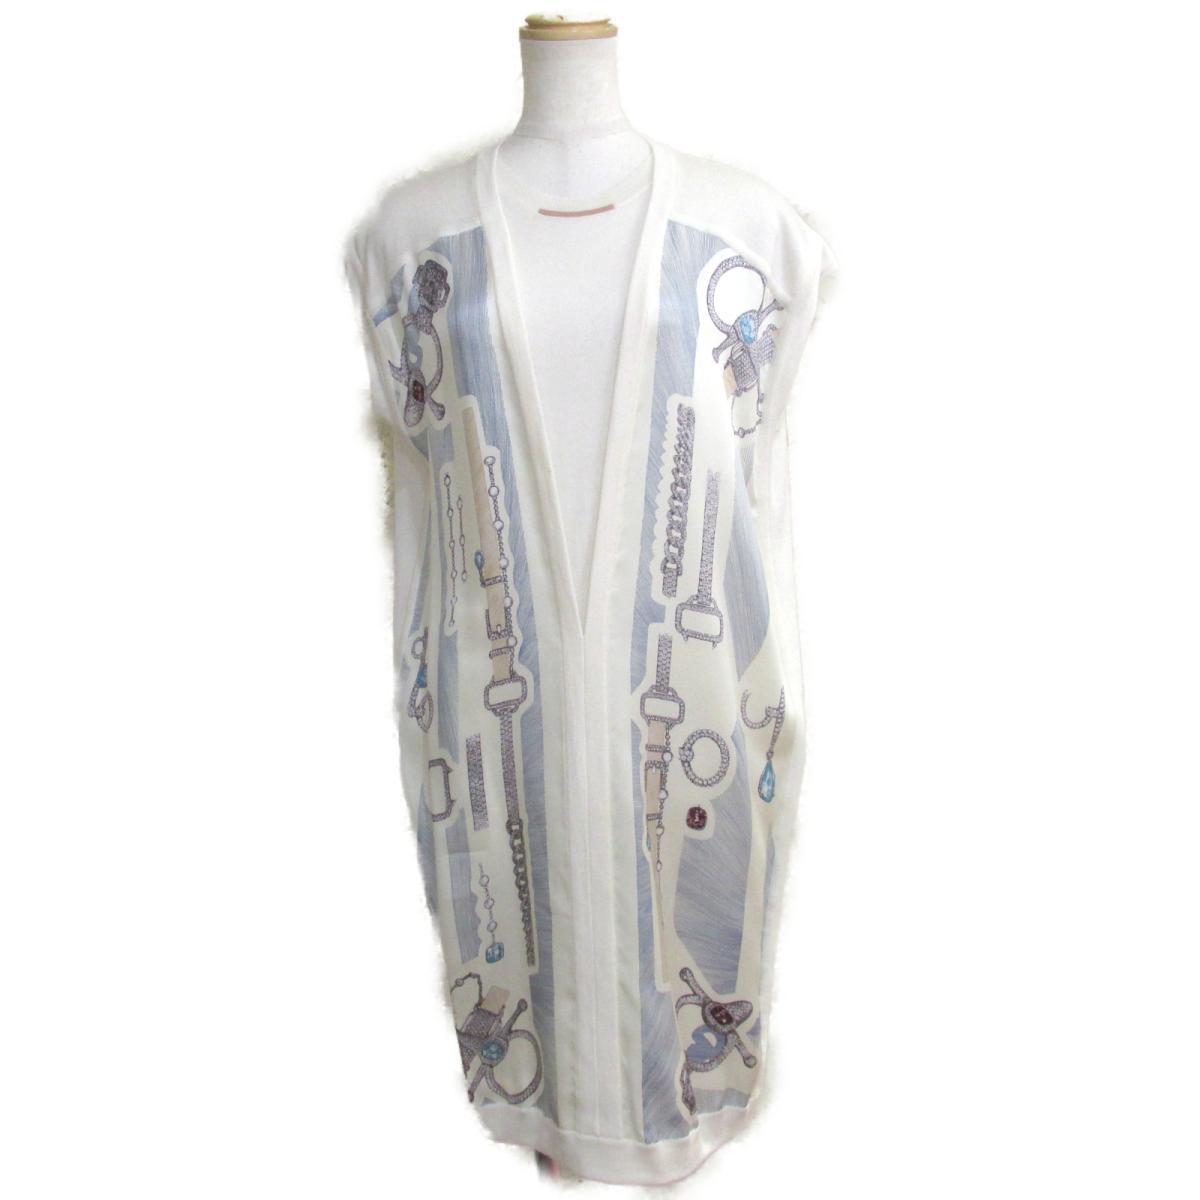 【中古】 エルメス ワンピース レディース プリント部分:シルク100%//ニット部分:カシミア% x シルク50% ホワイト オフホワイト ブルー ネイビー | HERMES BRANDOFF ブランドオフ 衣料品 衣類 ブランド